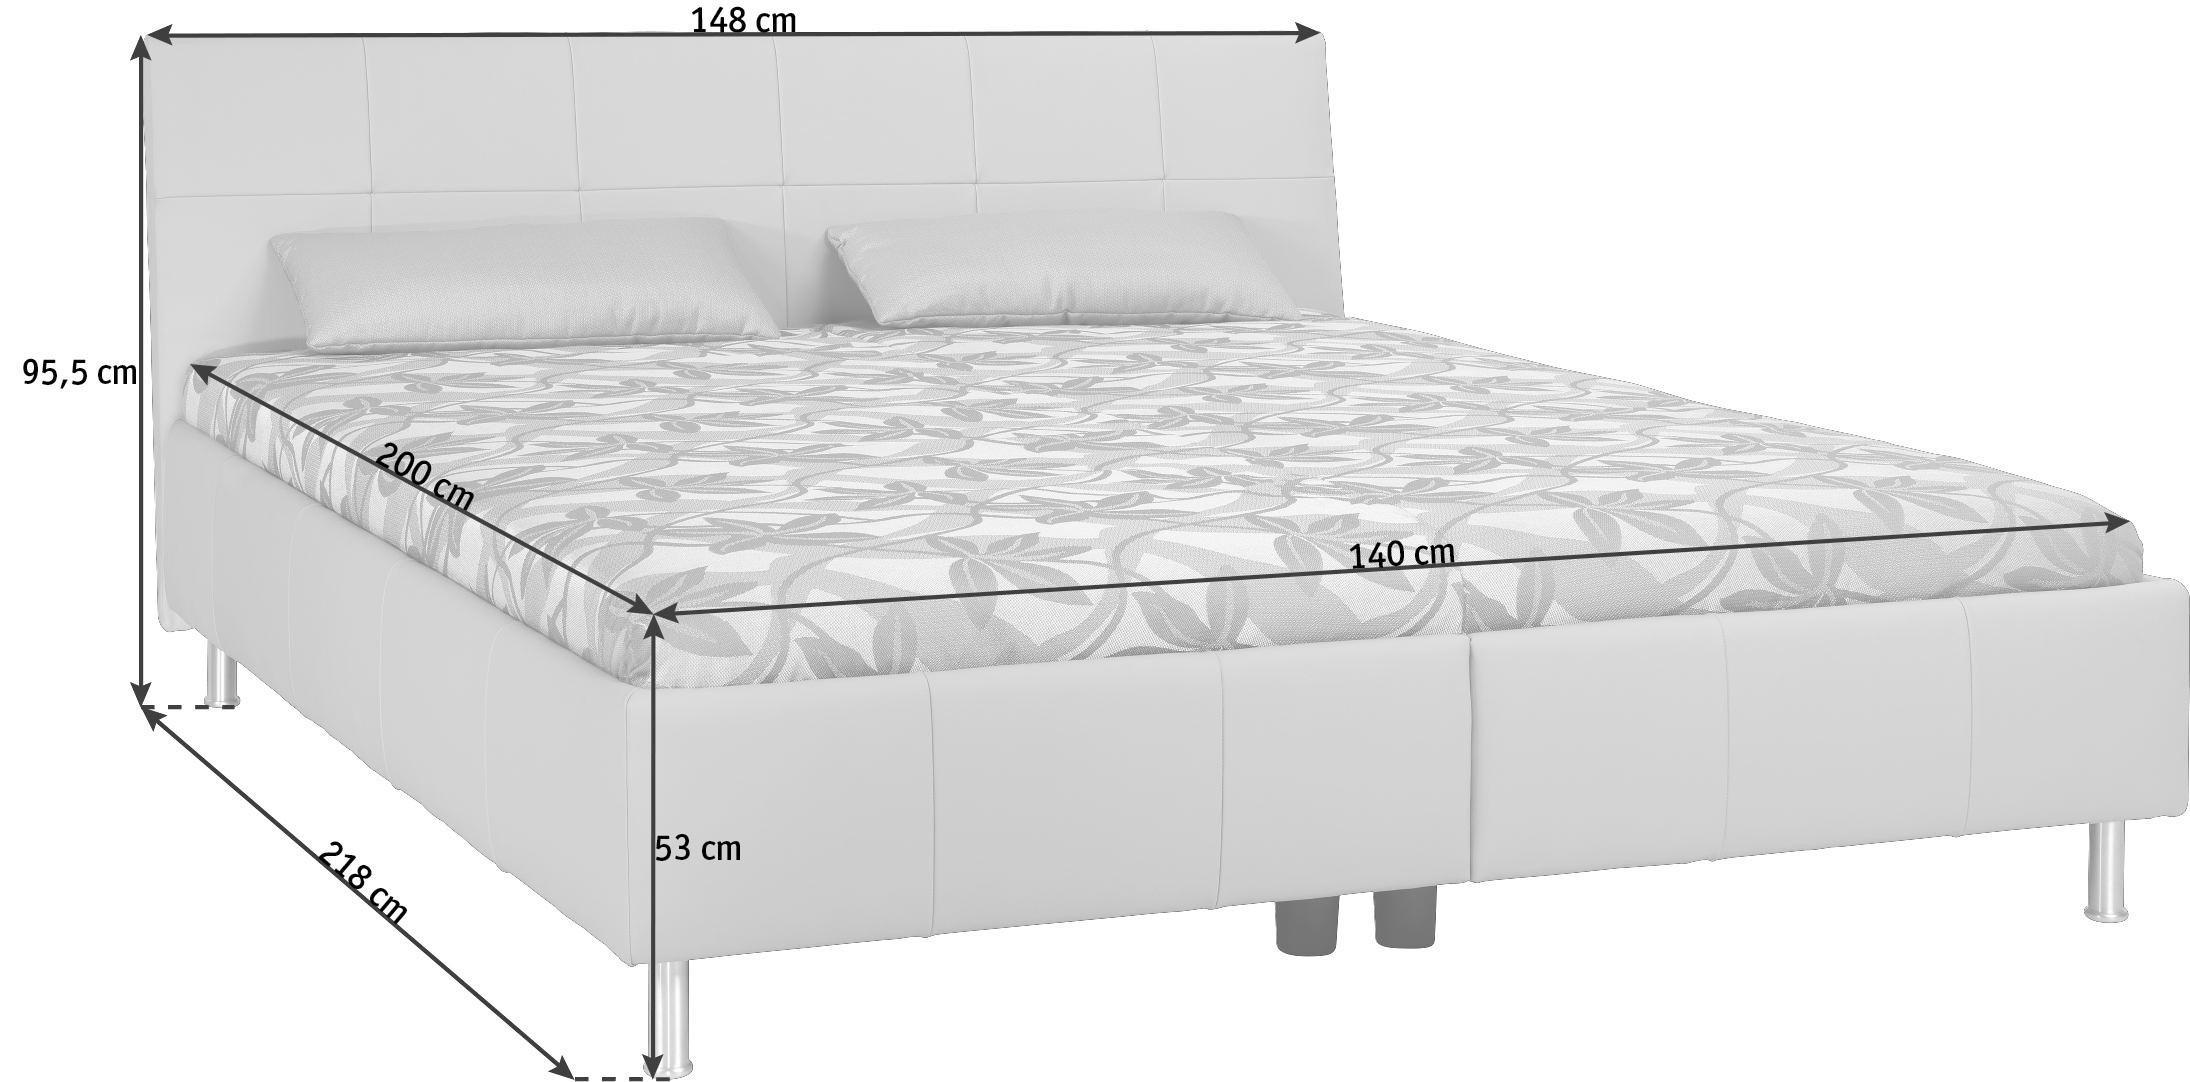 POLSTERBETT 140/200 cm - Schlammfarben/Alufarben, KONVENTIONELL, Leder/Textil (140/200cm) - ADA AUSTRIA